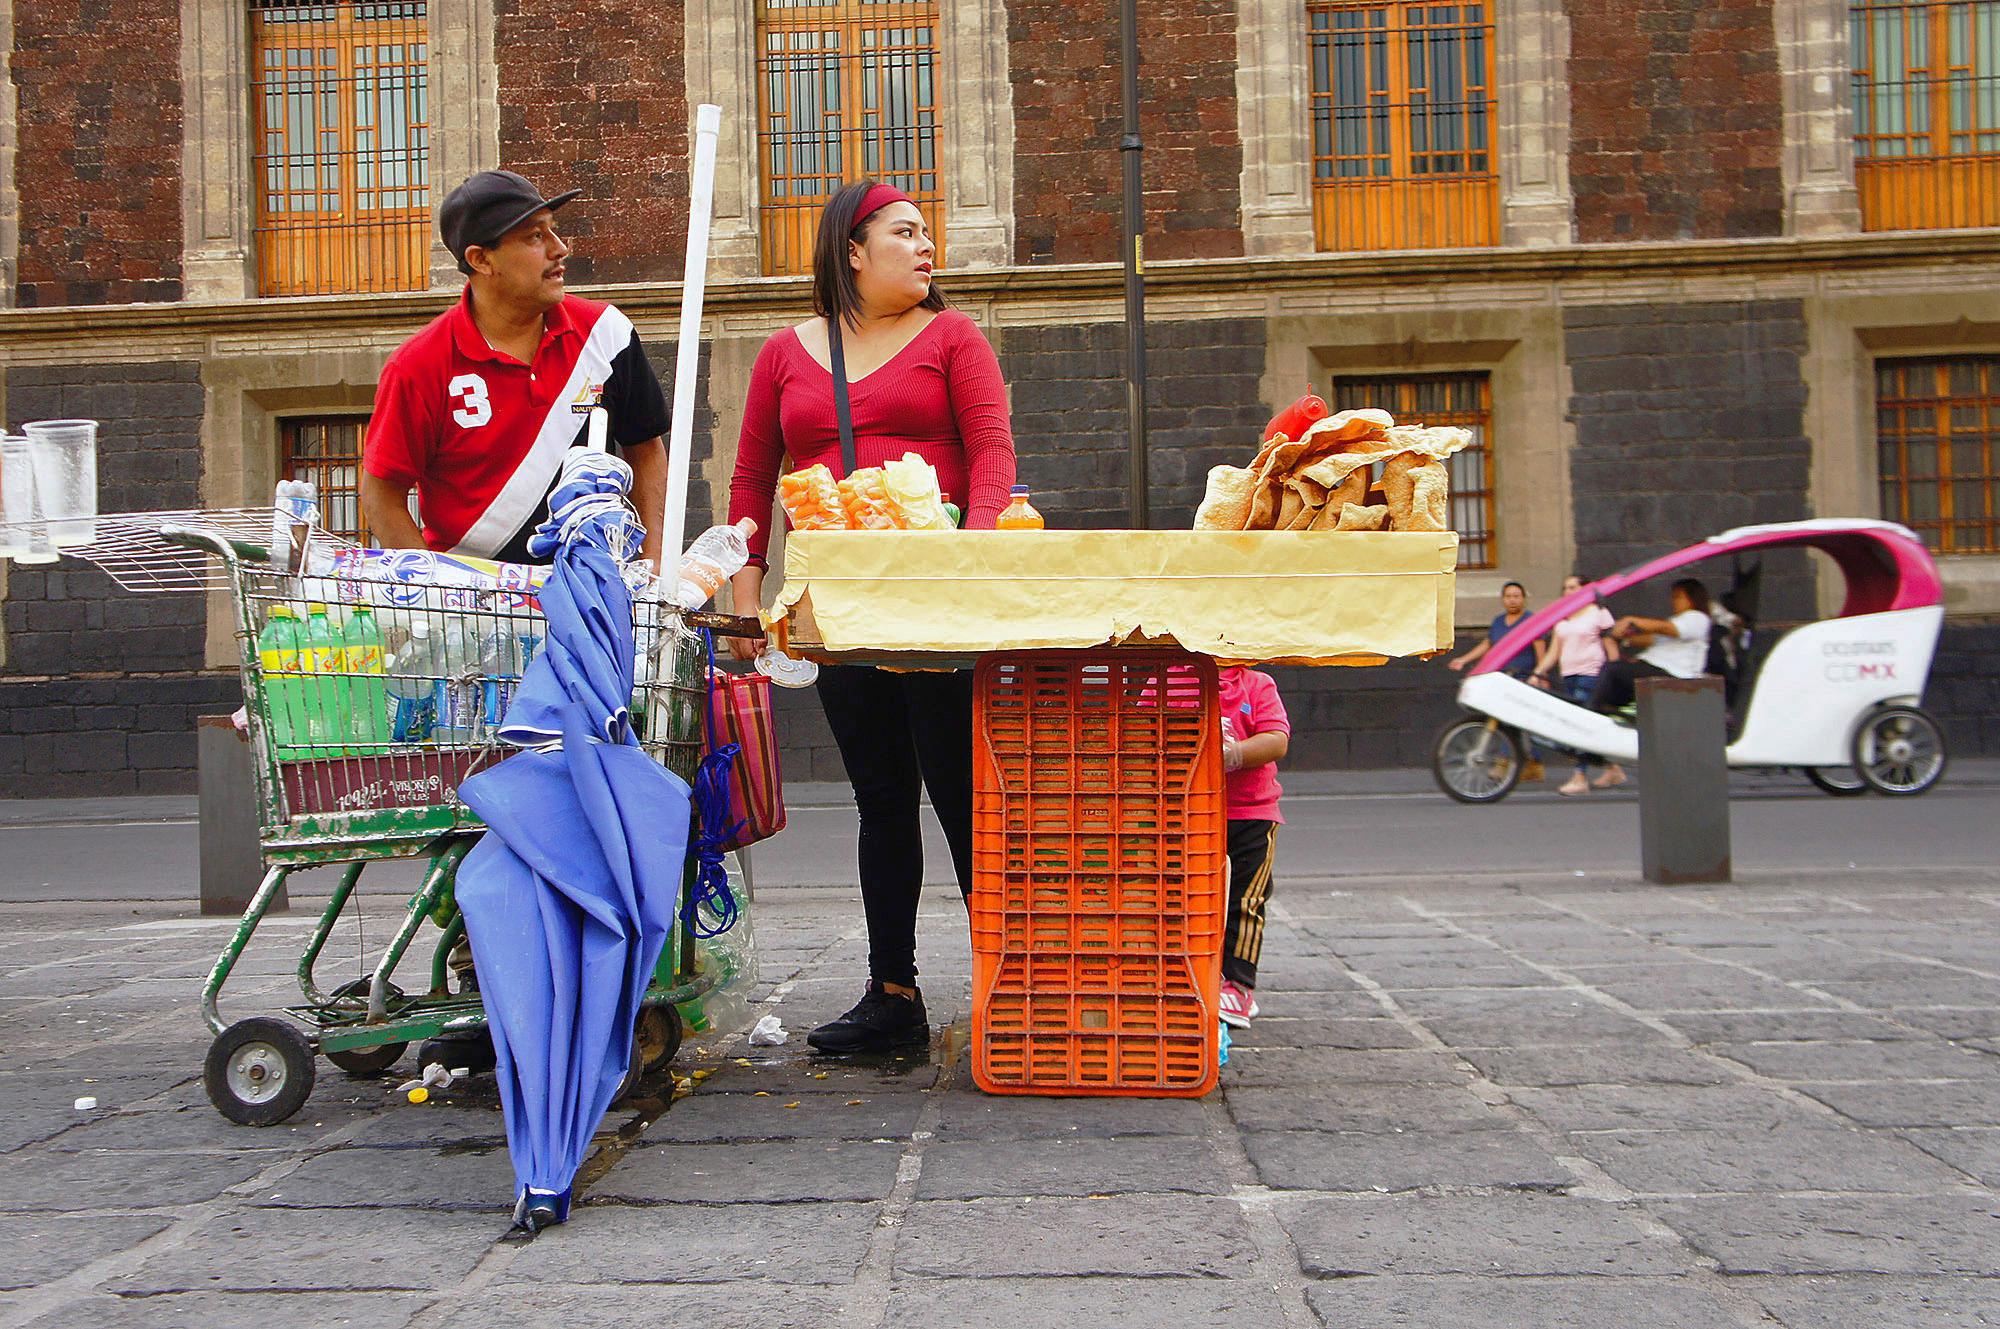 Мексиканки, кажется, не изнуряют себя диетами